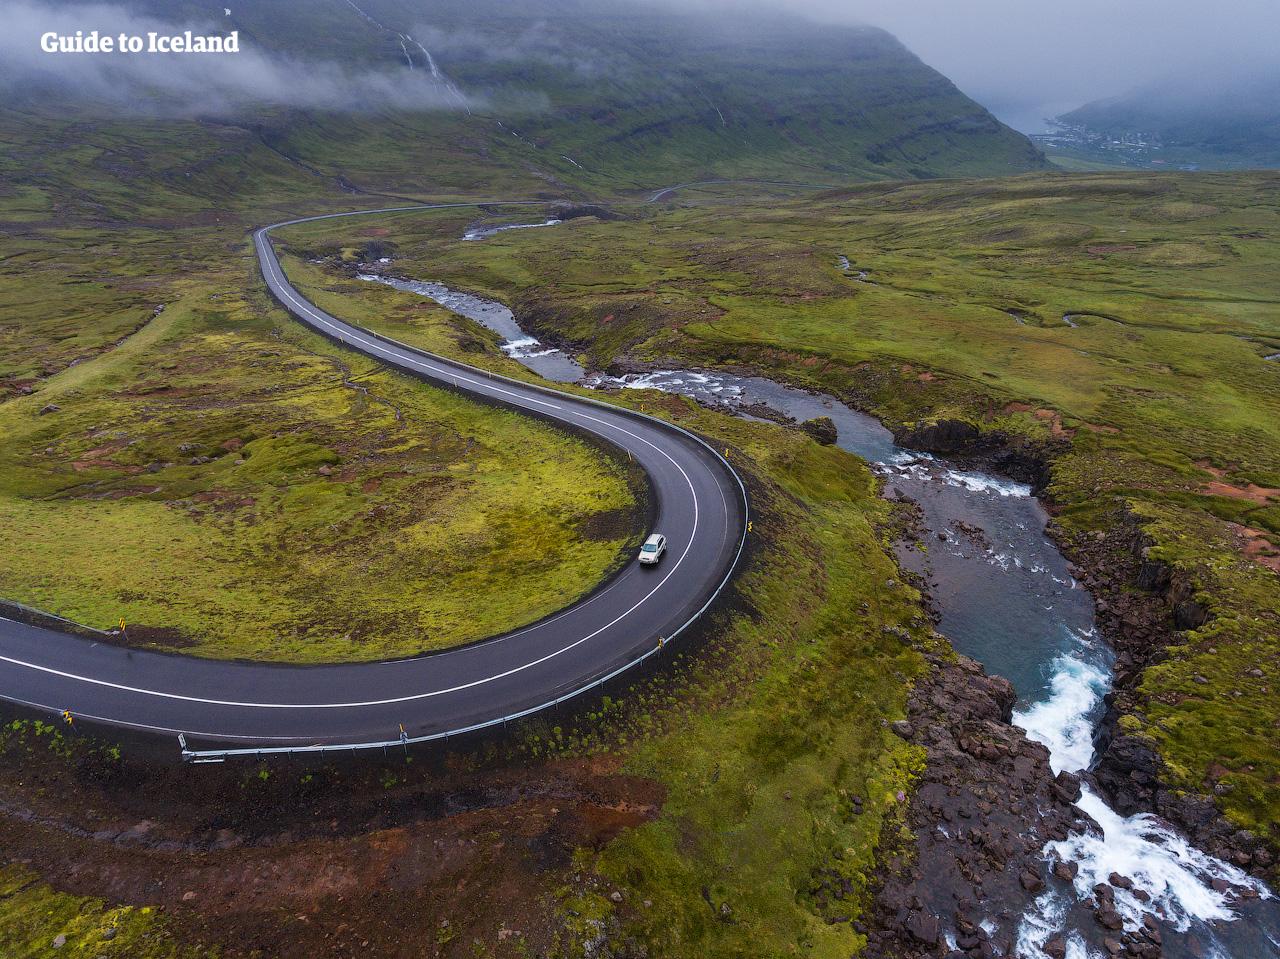 【完全ガイド】アイスランドでのレンタカーと運転について